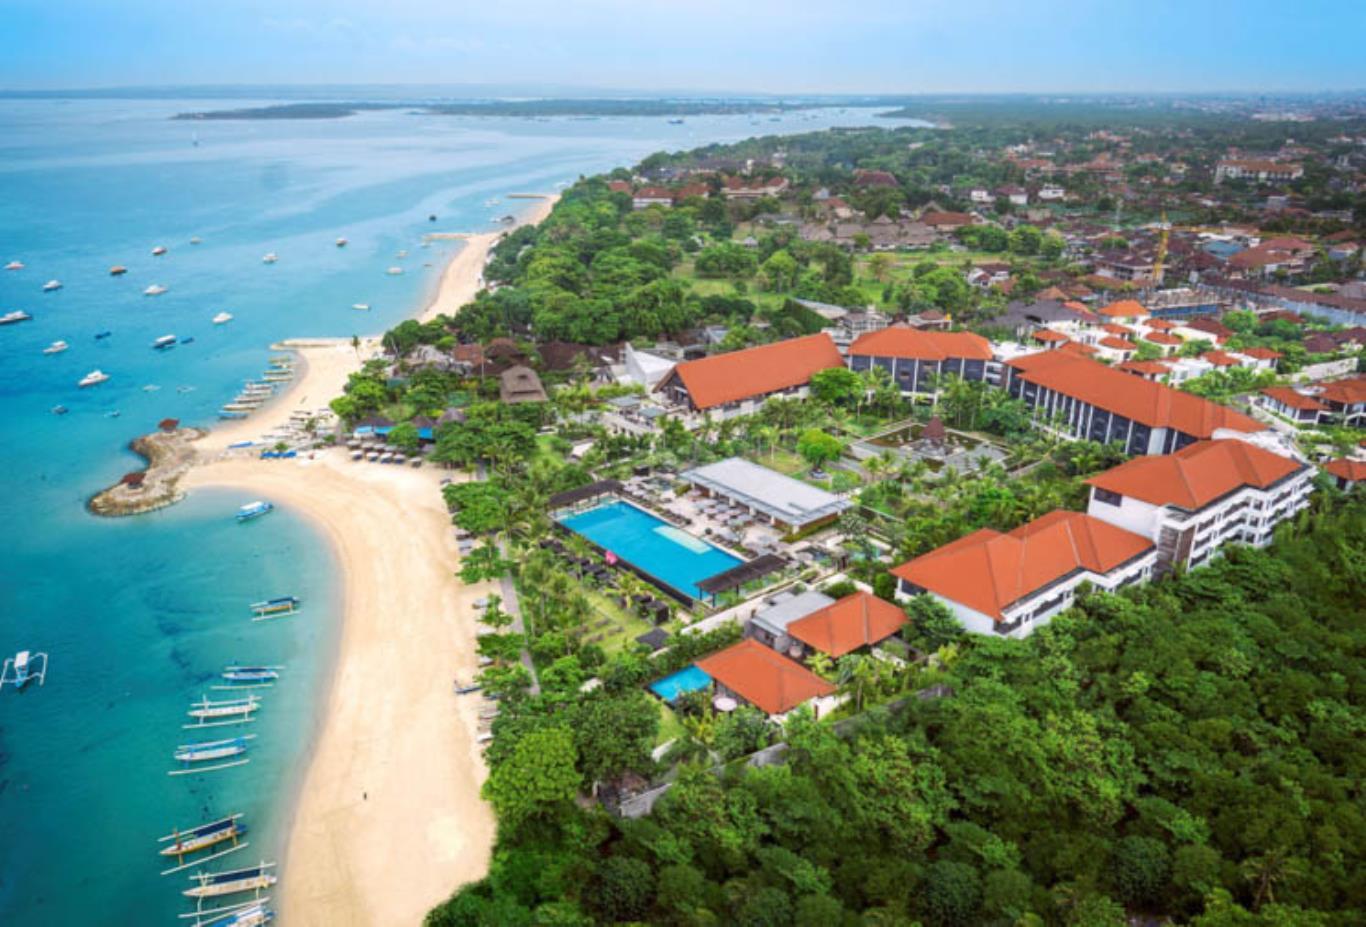 ساحل سانور از جاهای تفریحی و دیدنی بالی اندونزی